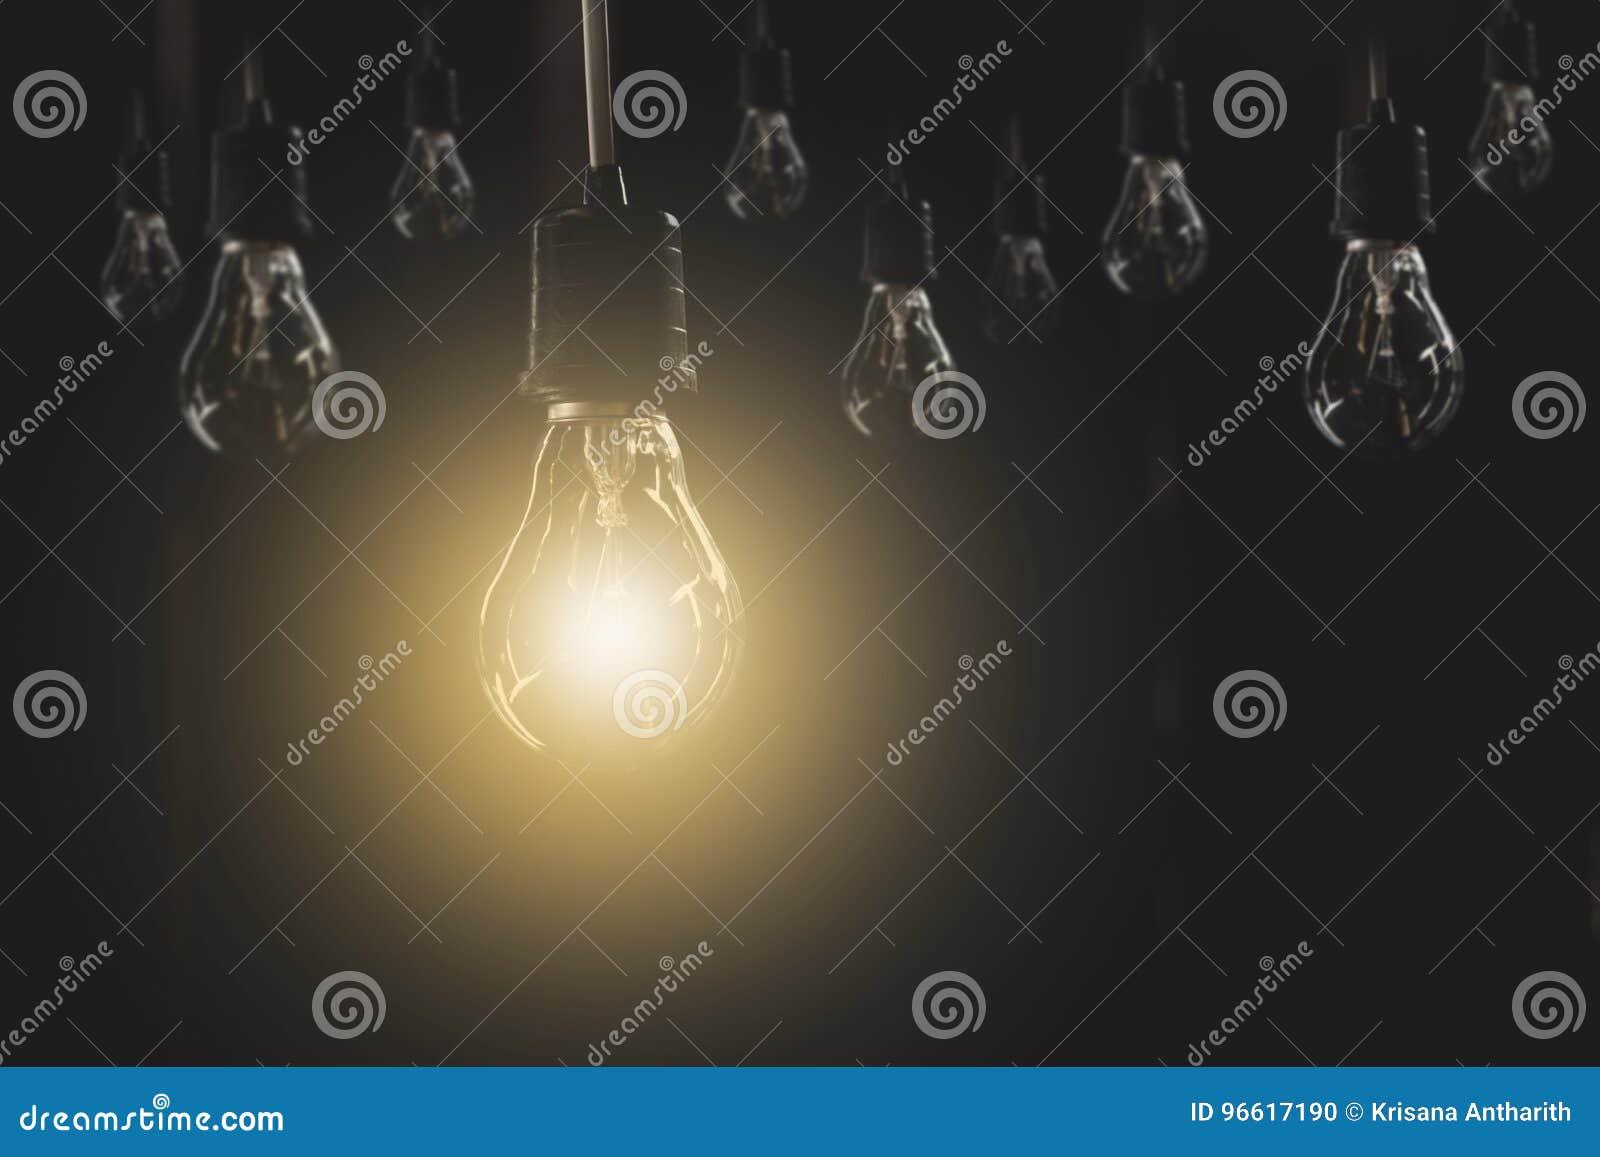 Κρεμώντας λάμπες φωτός με καμμένος μια στο σκοτεινό υπόβαθρο Έννοια ιδέας και δημιουργικότητας